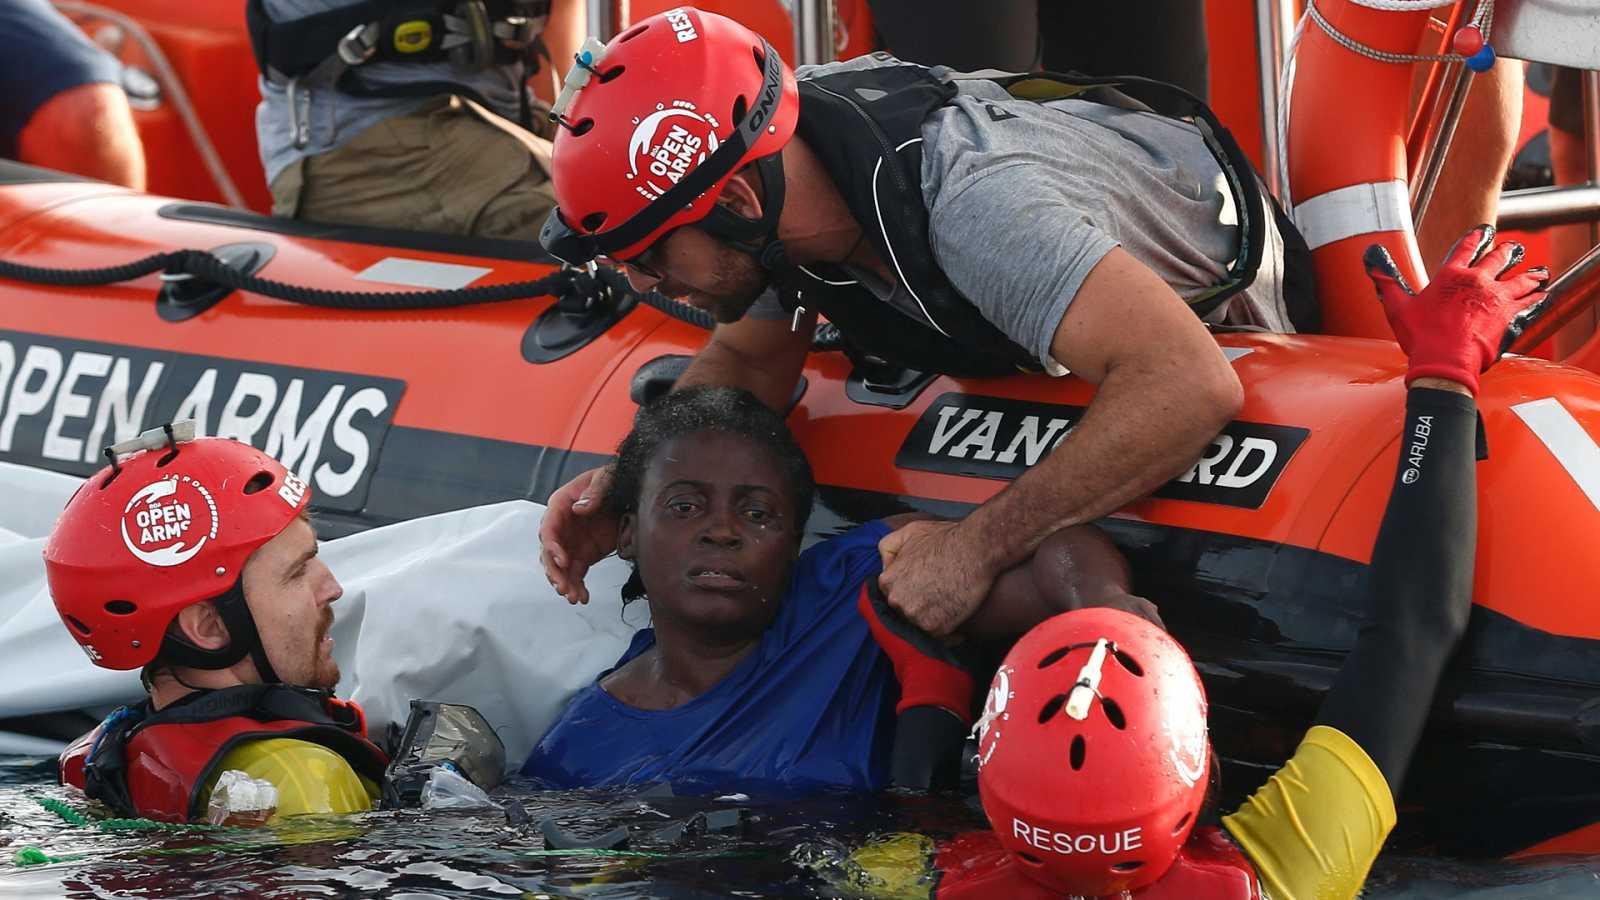 La ONG Proactiva denuncia que la guardia costera dejó morir a una mujer y un niño en el Mediterráneo